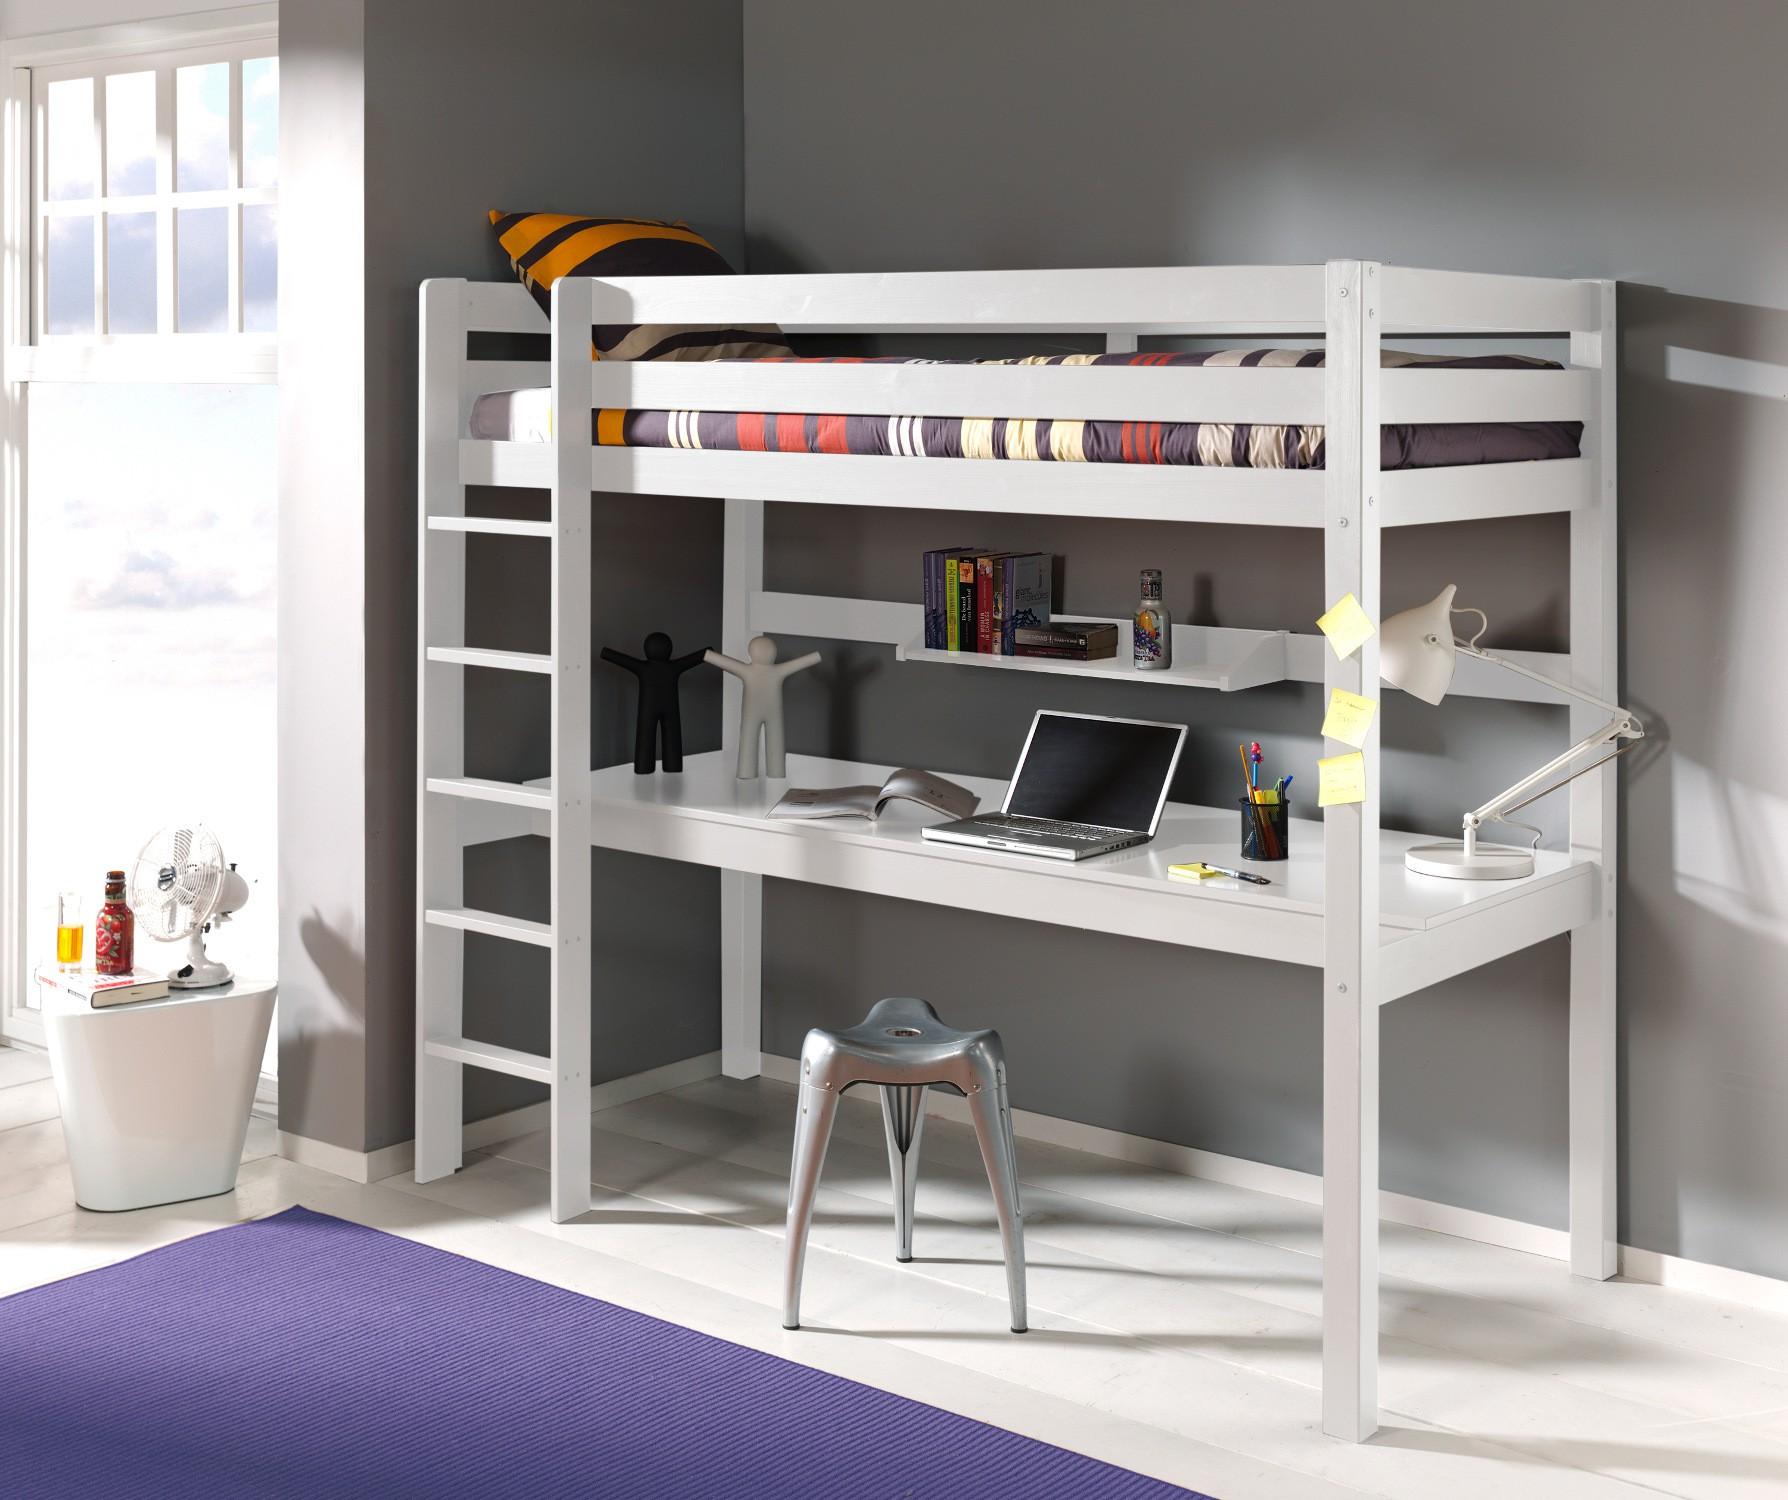 Full Size of Kinderbett Pino Hochbett 90 200 Cm Mit Schreibtisch Regal Kinderzimmer Sofa Weiß Regale Kinderzimmer Kinderzimmer Hochbett